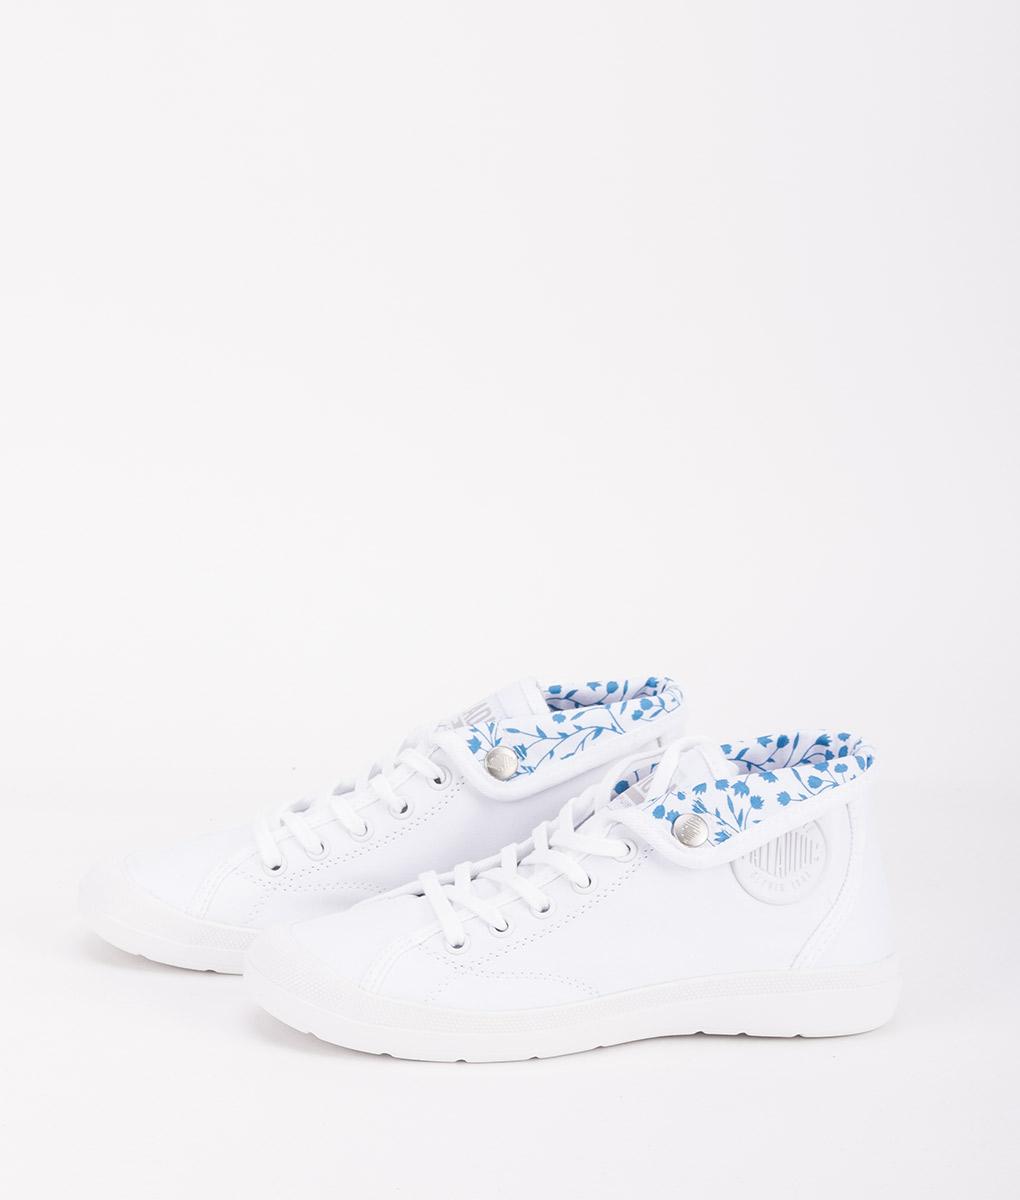 PALLADIUM Women Sneakers 95680 AVENTURE, White 69.99